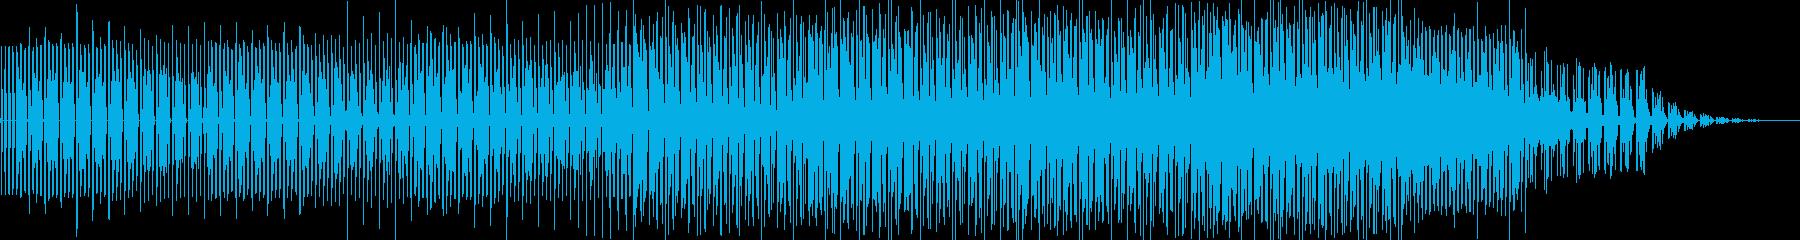 壮大な雰囲気のミニマルテクノの再生済みの波形